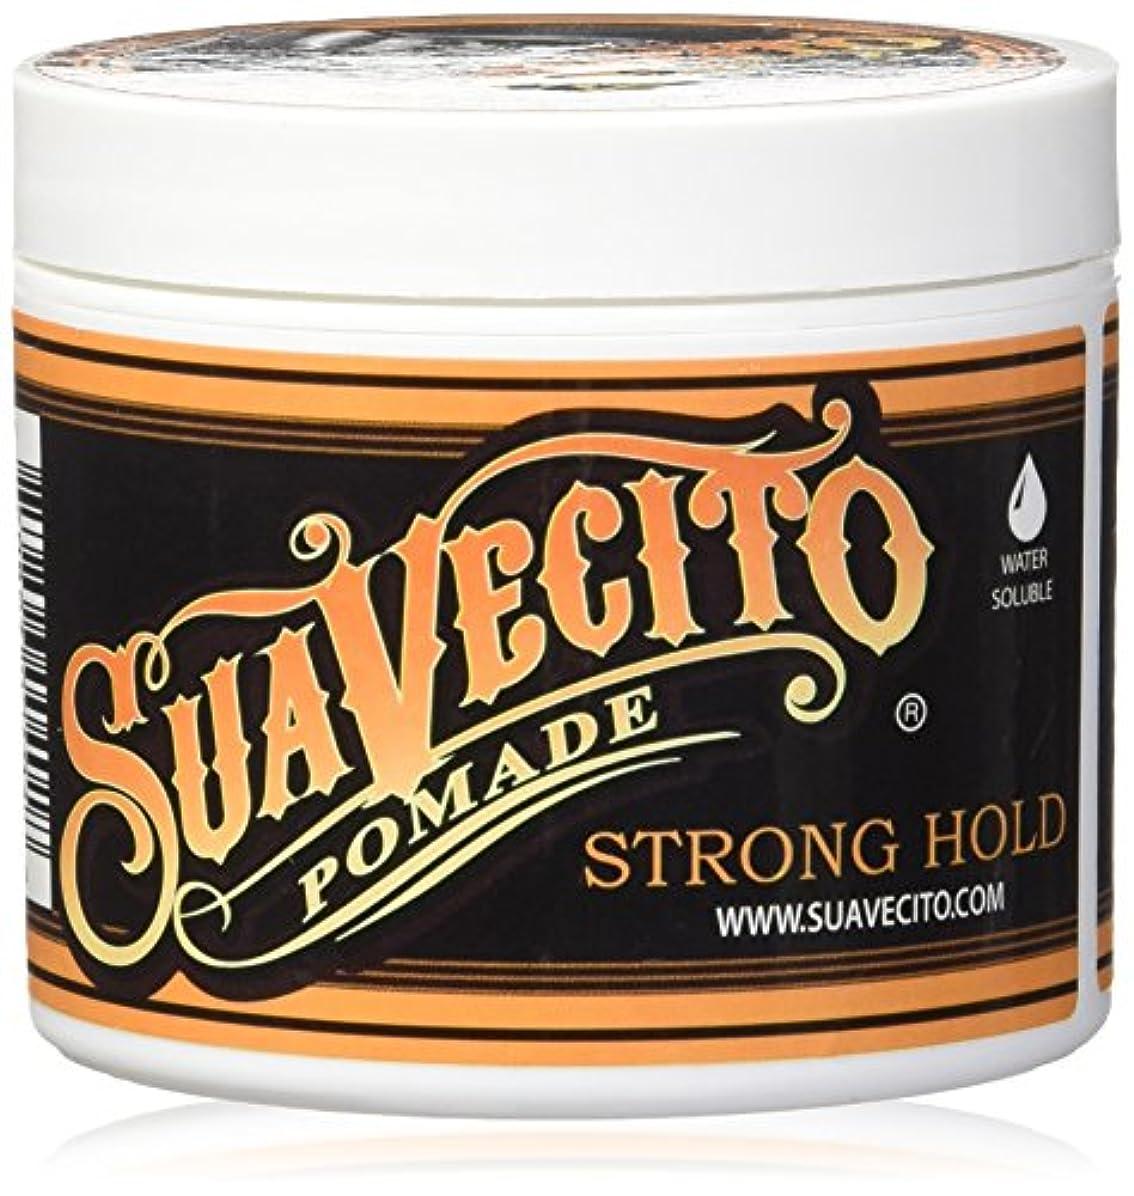 ひねり好きである明らかに(Standard) - Suavecito Pomade Firme Hold, 120ml